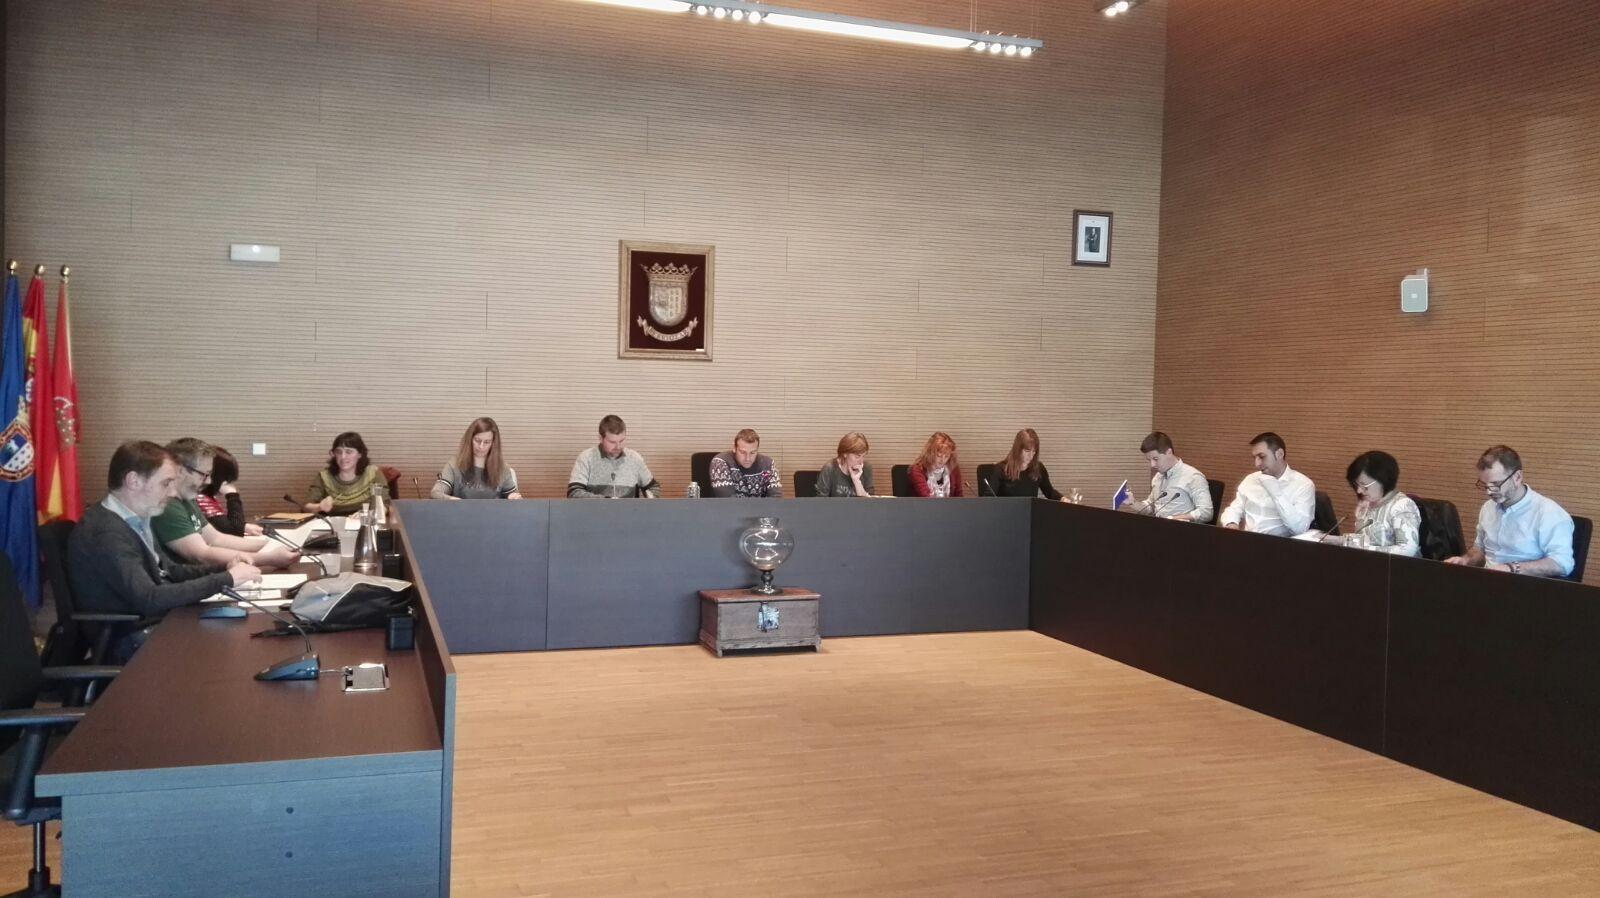 El equipo de gobierno de berriozar estudia una denuncia for Piscinas berrioplano